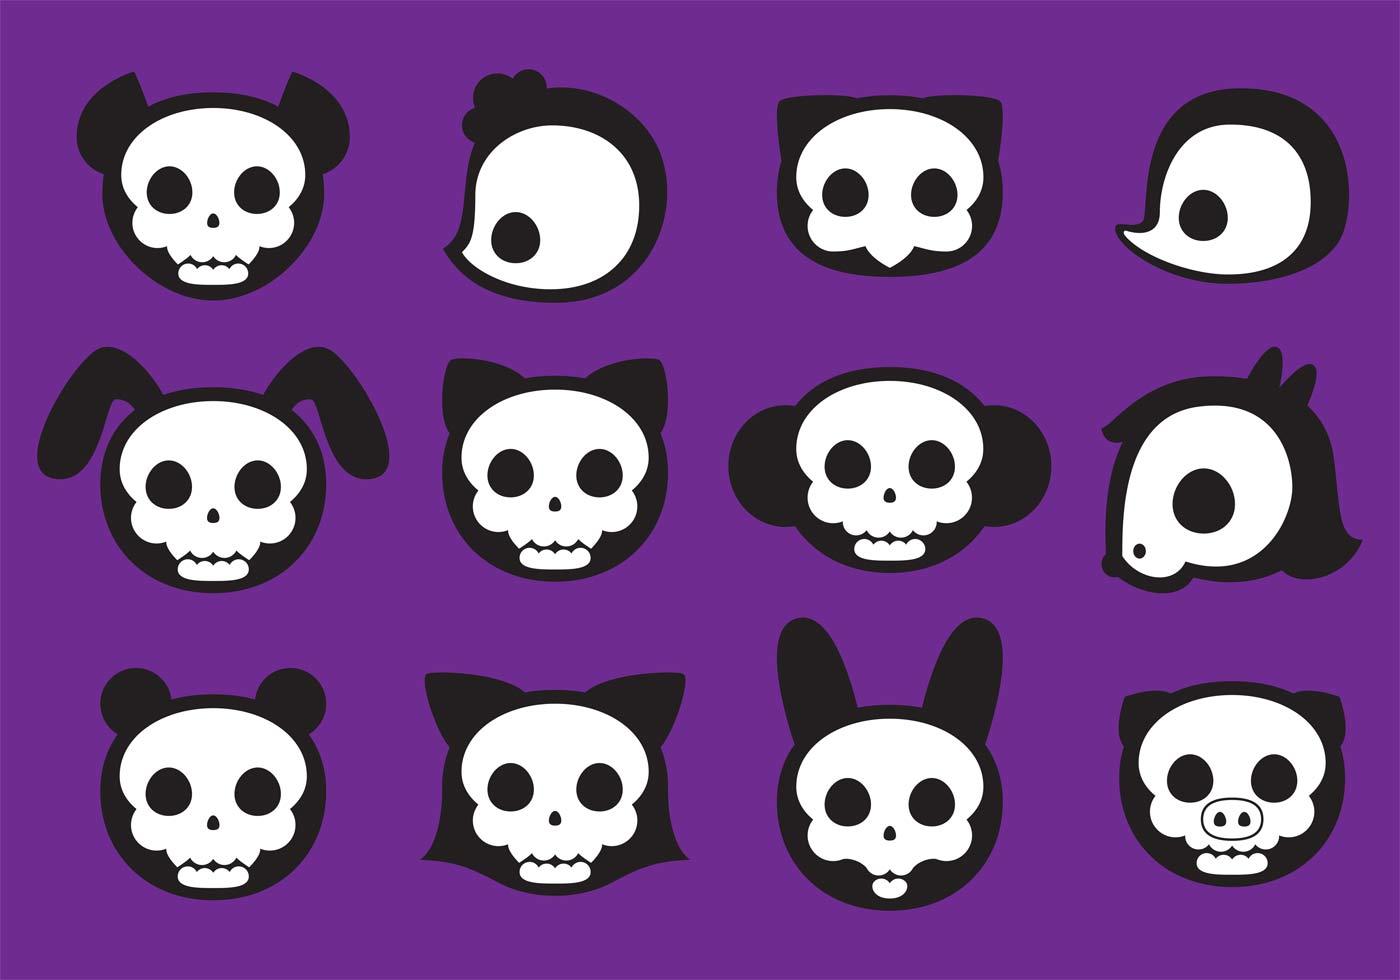 Cute Animal Skull Vectors Download Free Vectors Clipart